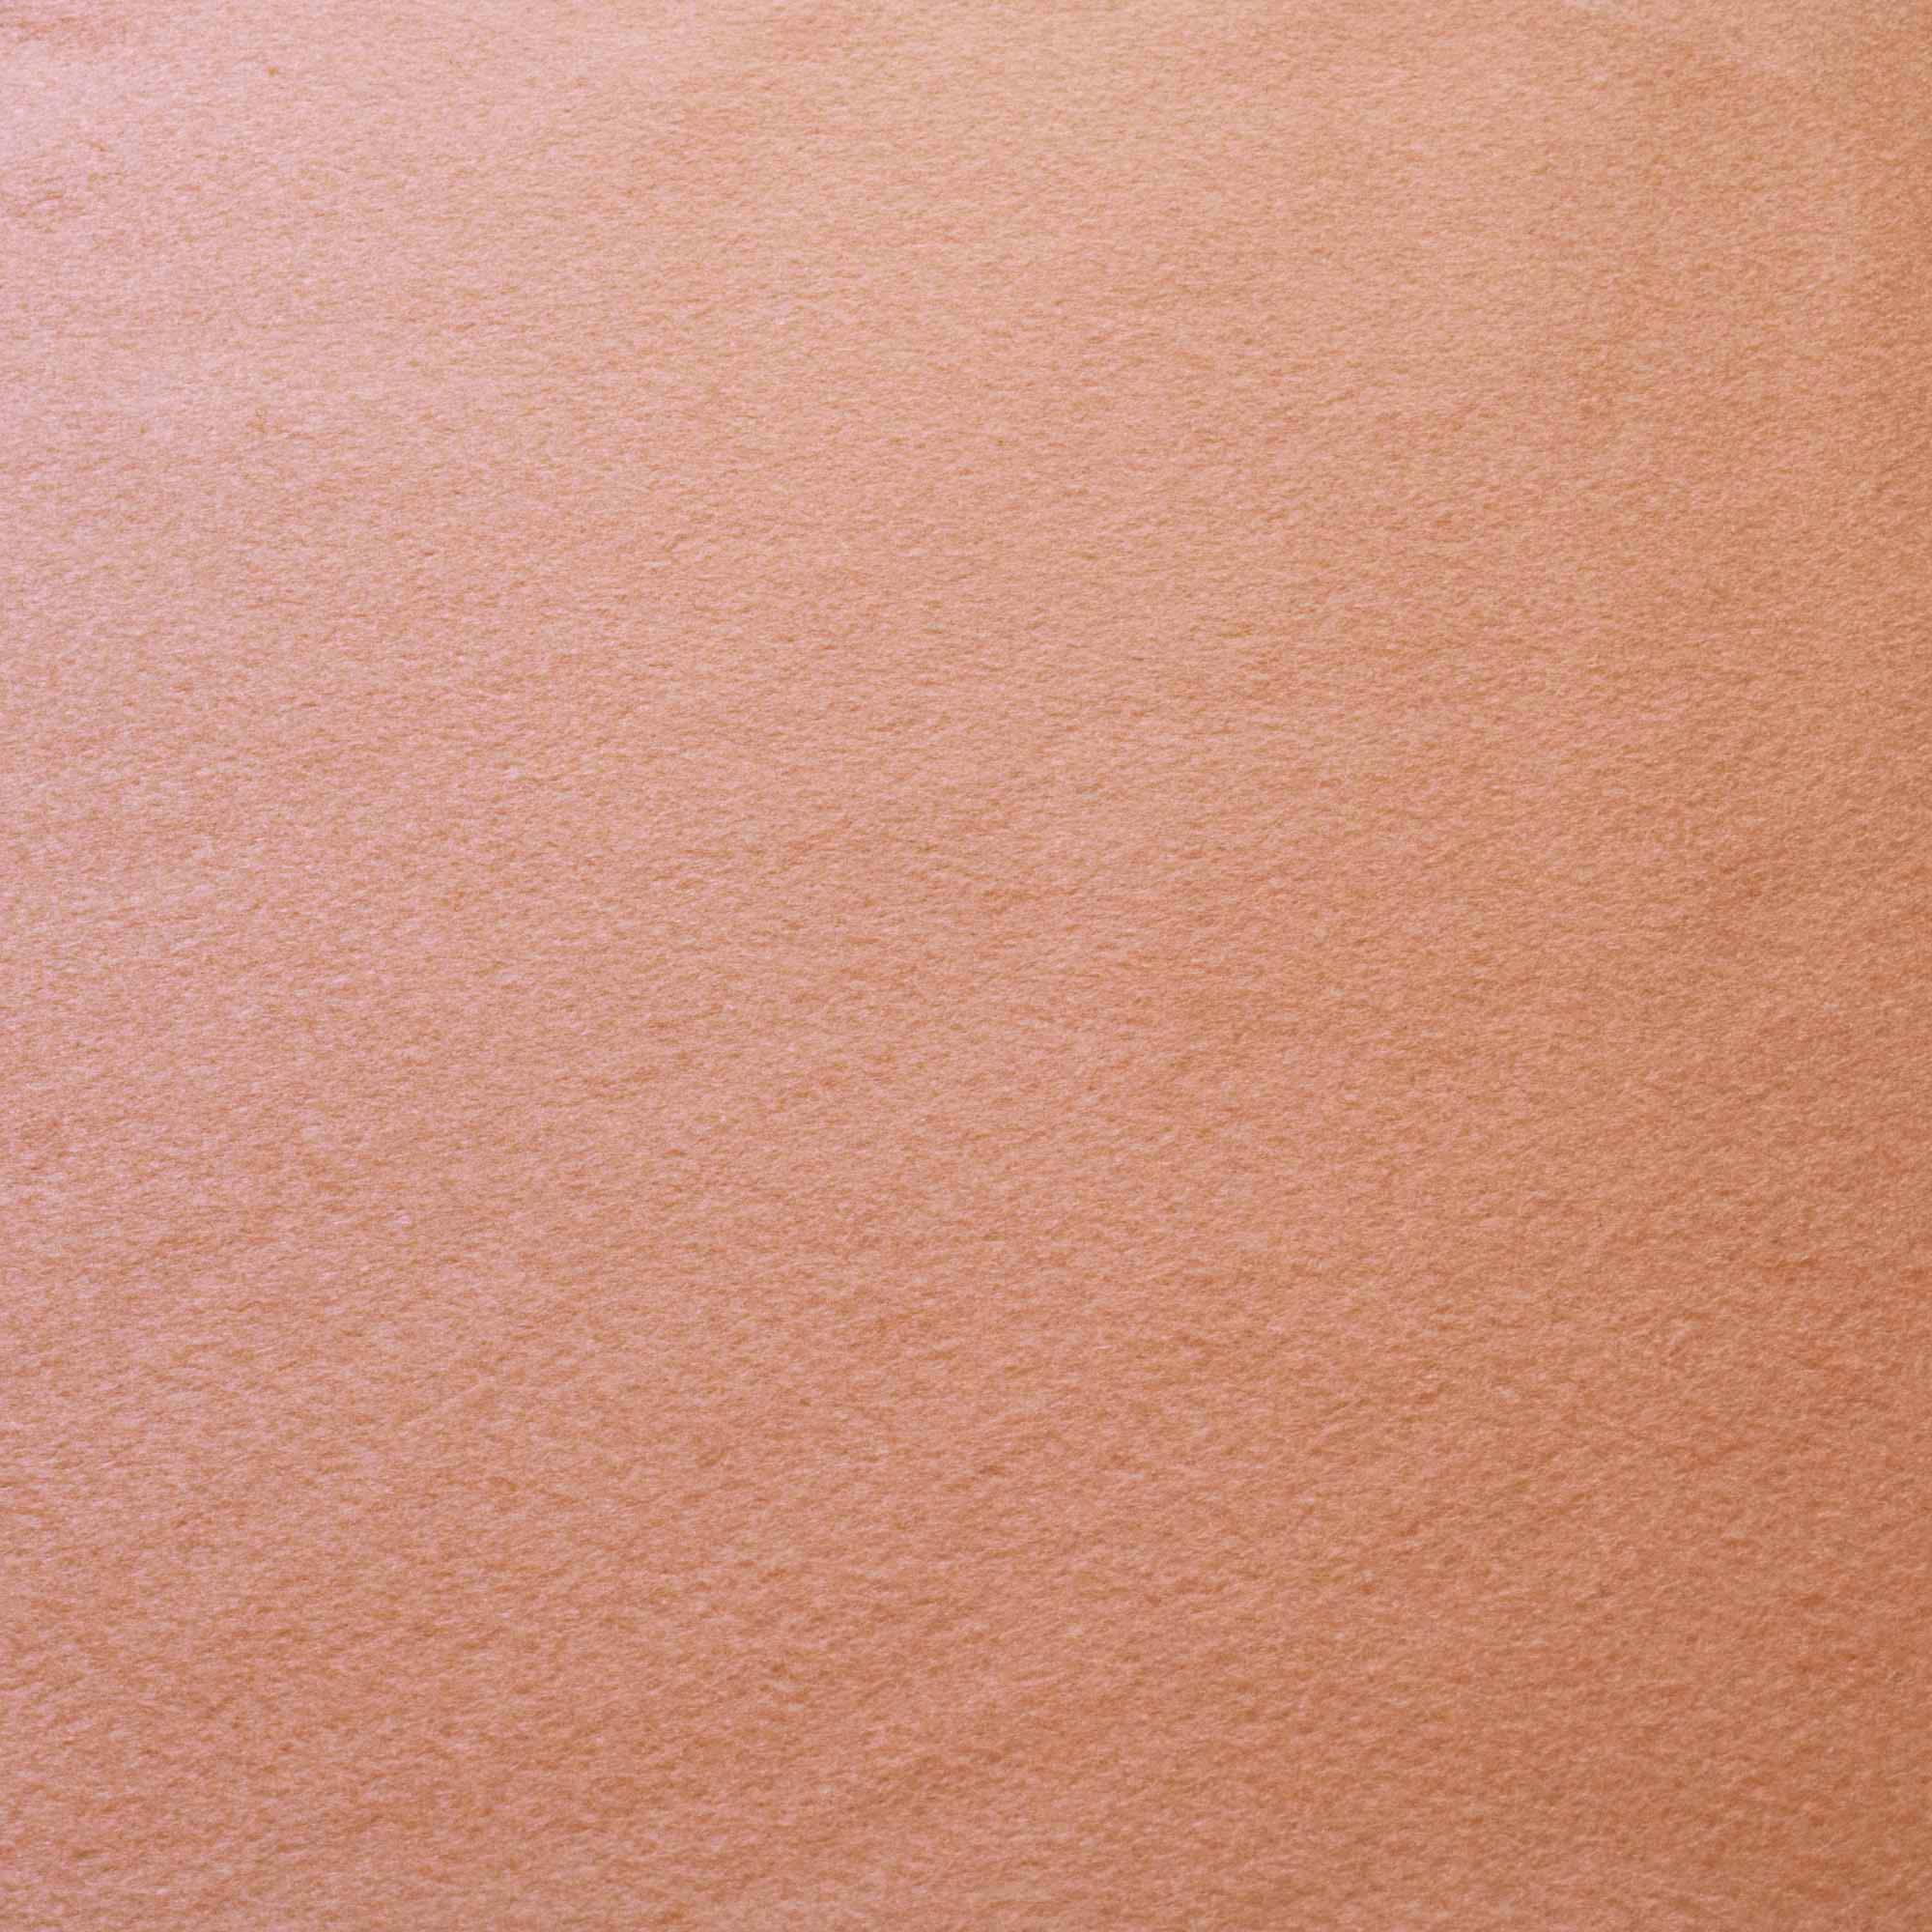 Tecido Feltro Cor da Pele 100% Poliester 1,40 m Largura